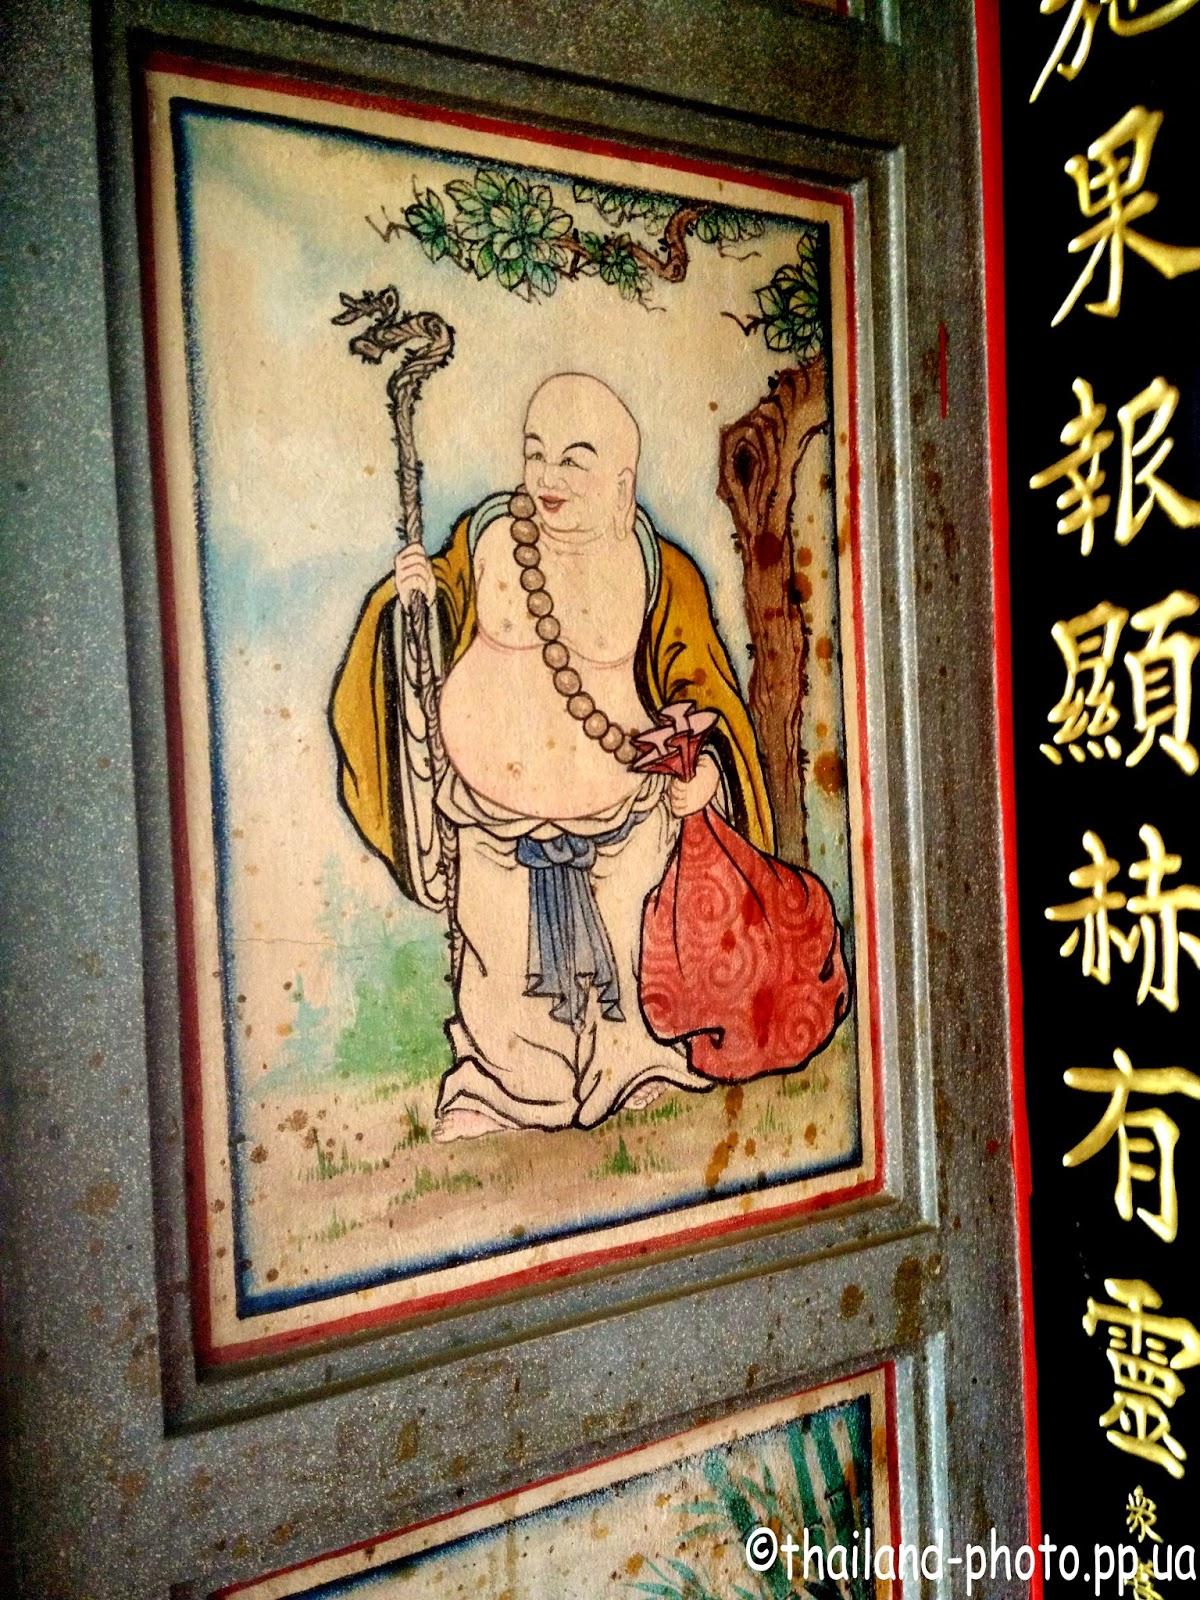 Китайская роспись в Бангкоке